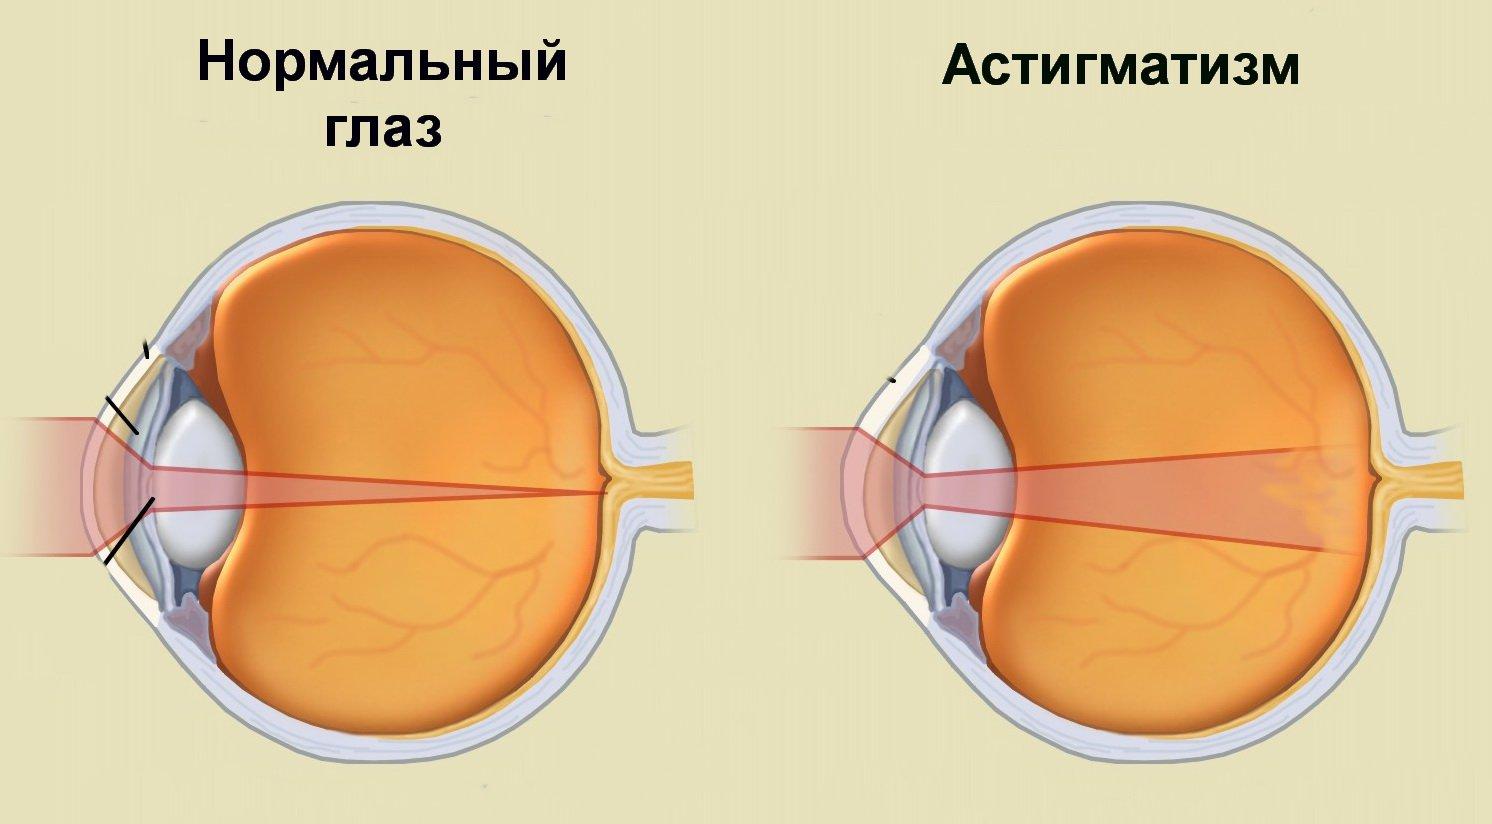 törés a látásban a rövidlátás 50 év elteltével kialakulásának oka